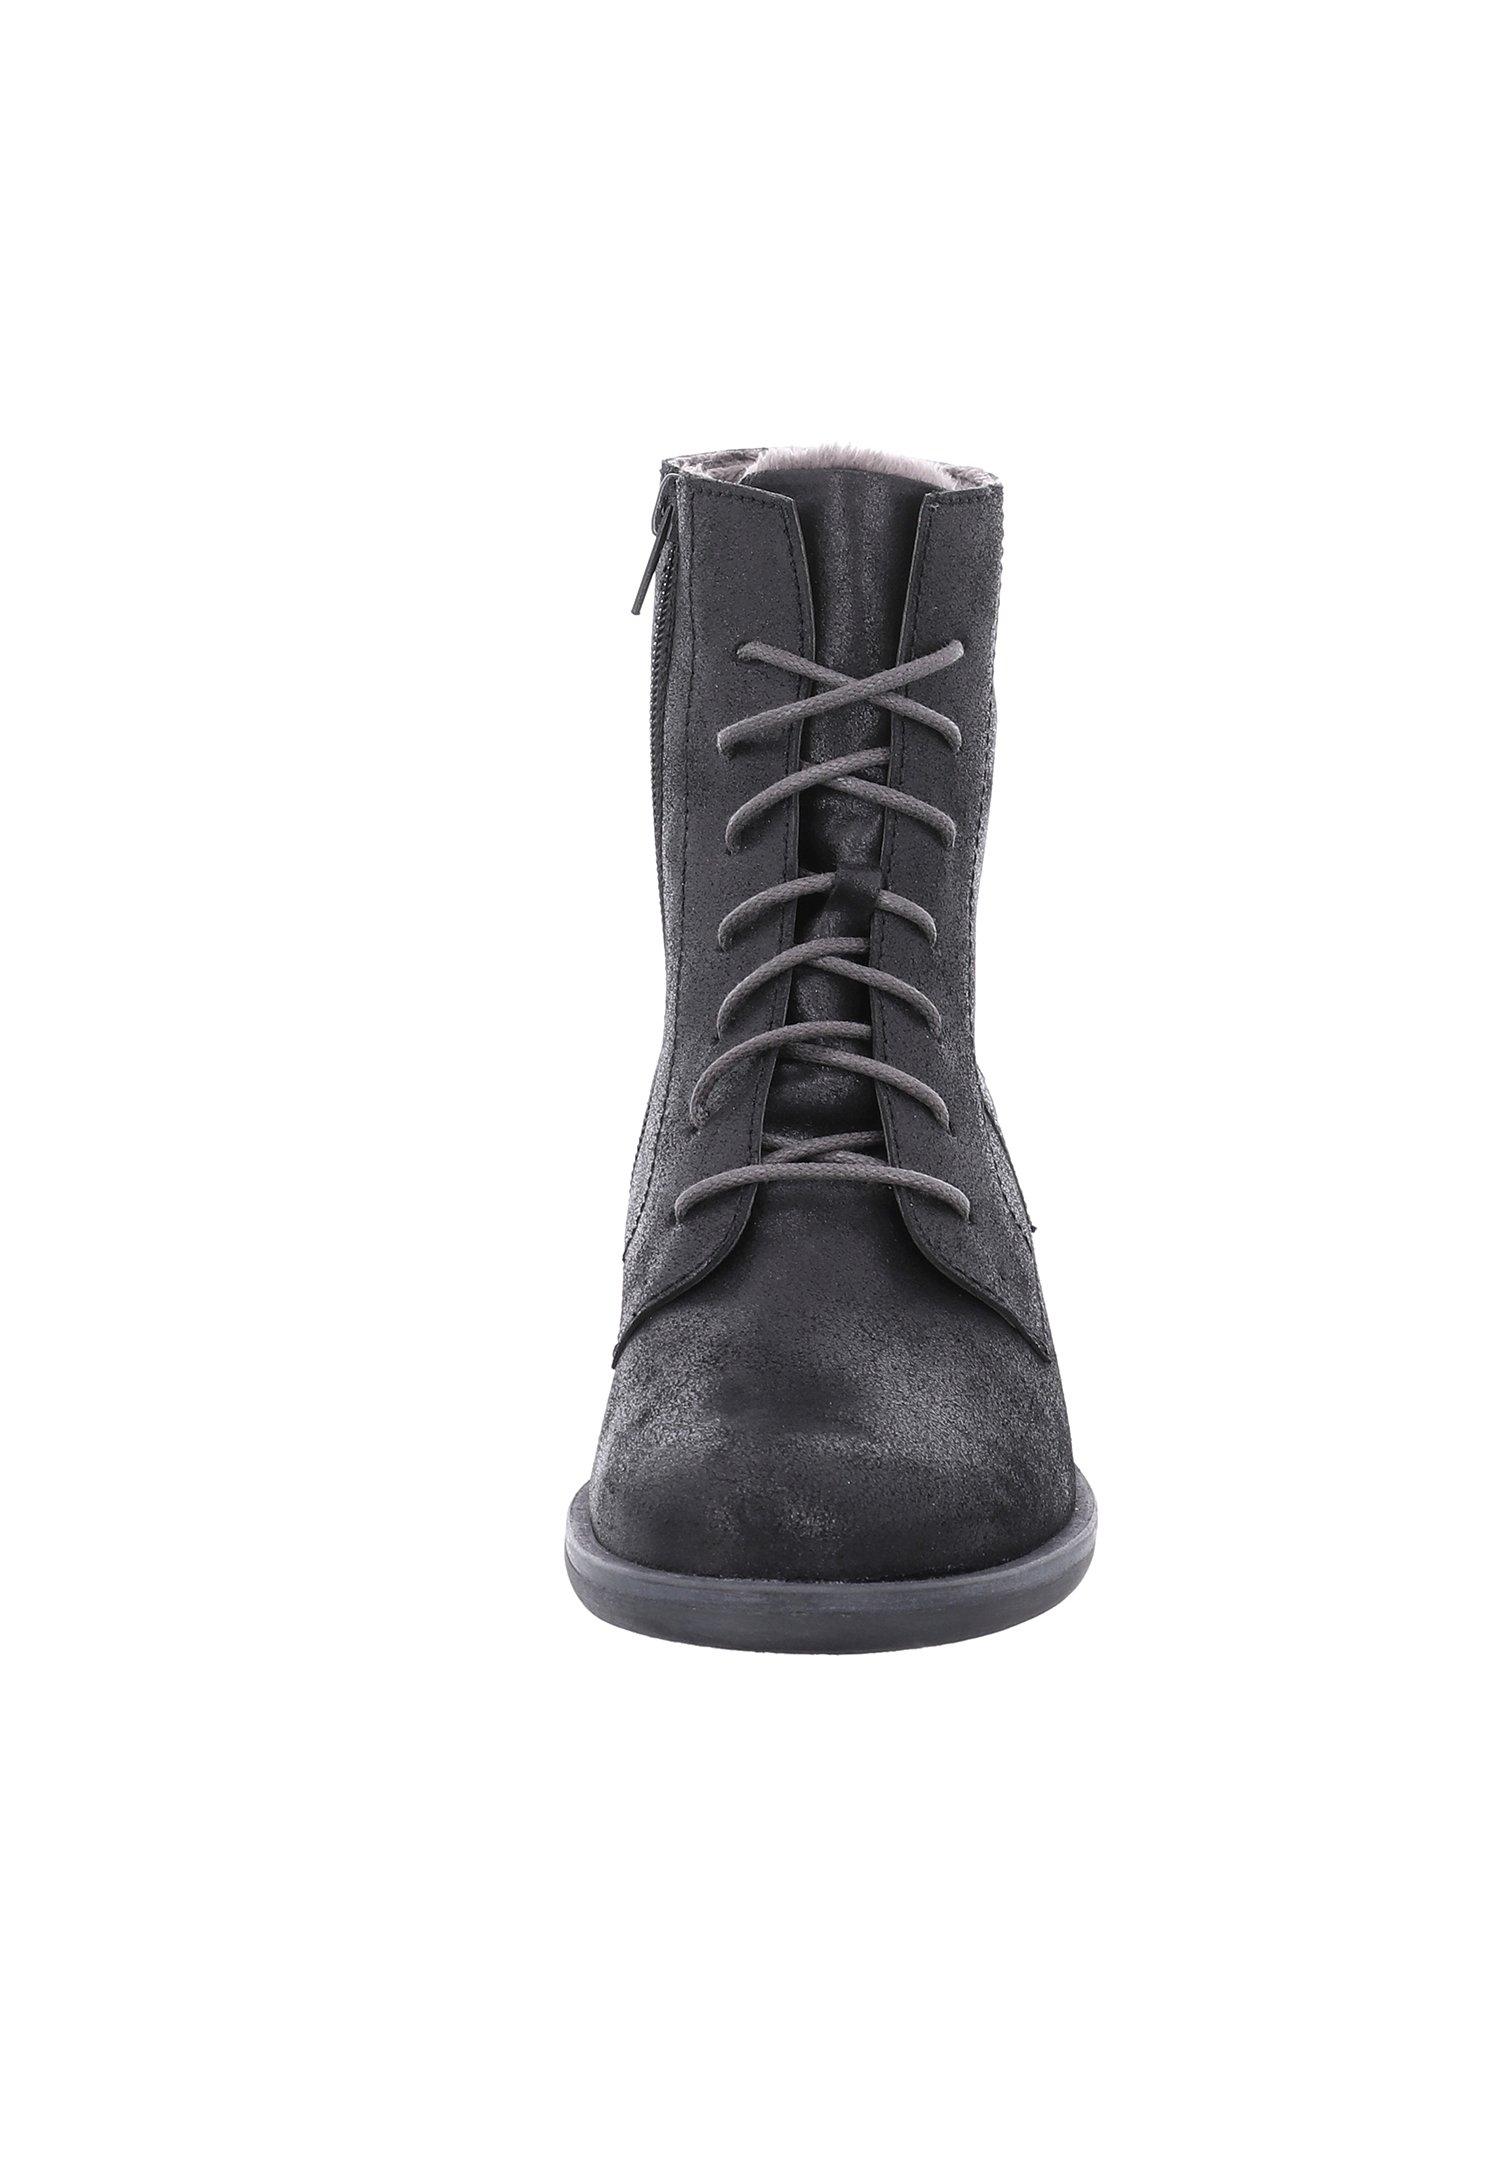 Sammlungen Schuhe für Damen FSOGFJY299Skuk Josef Seibel SANJA Schnürstiefelette titan